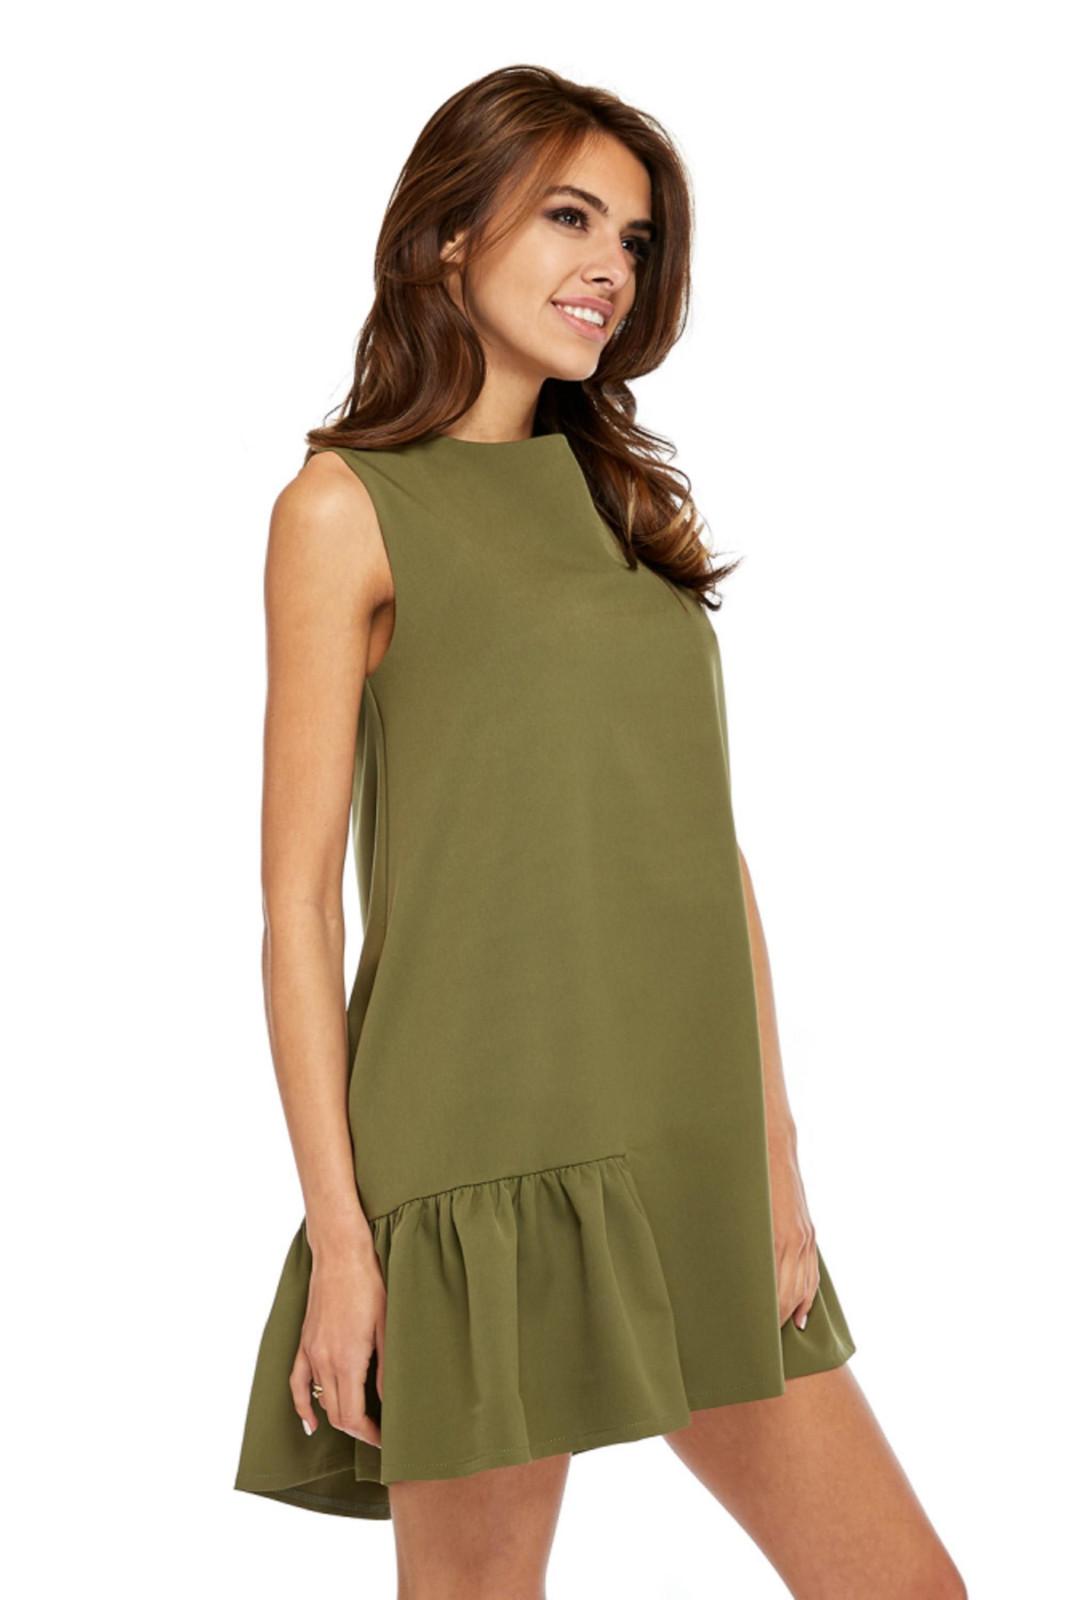 sukienka-o-kroju-litery-a-z-falbanami-i-odkrytymi-ramionami-ptakmoda